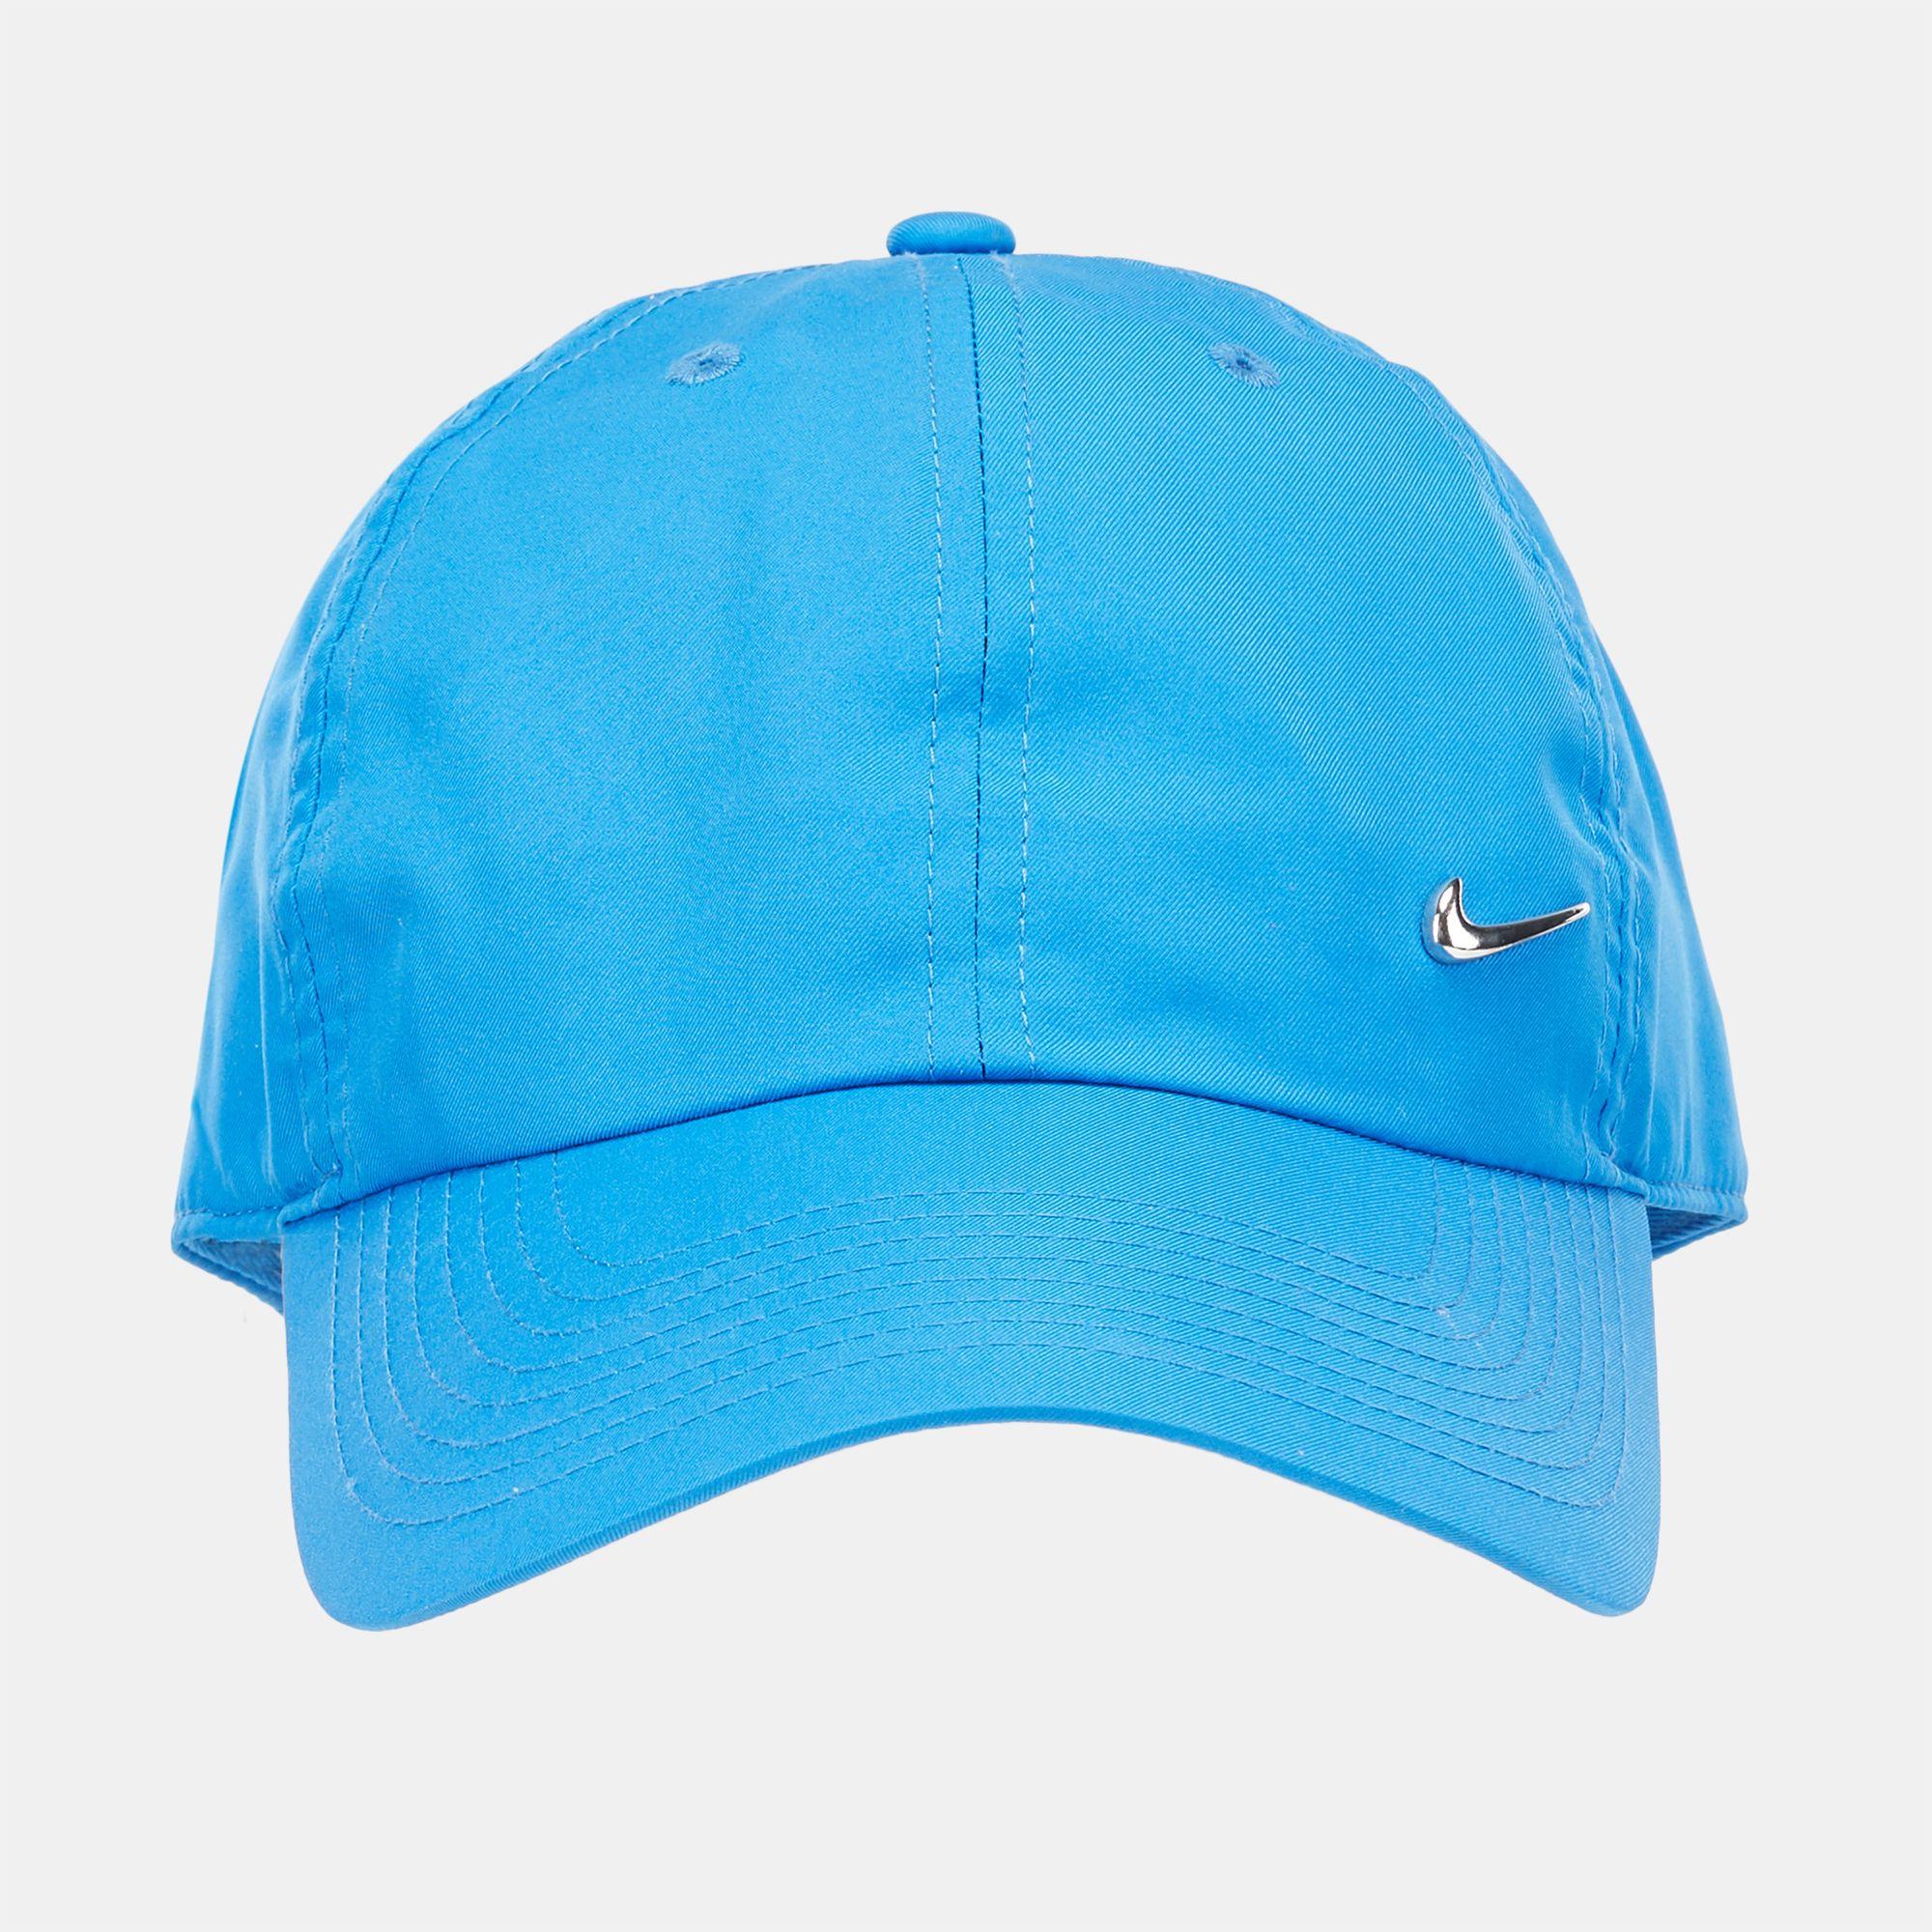 d88f95f88b0 ... inexpensive nike sportswear h86 cap blue ec225 36c71